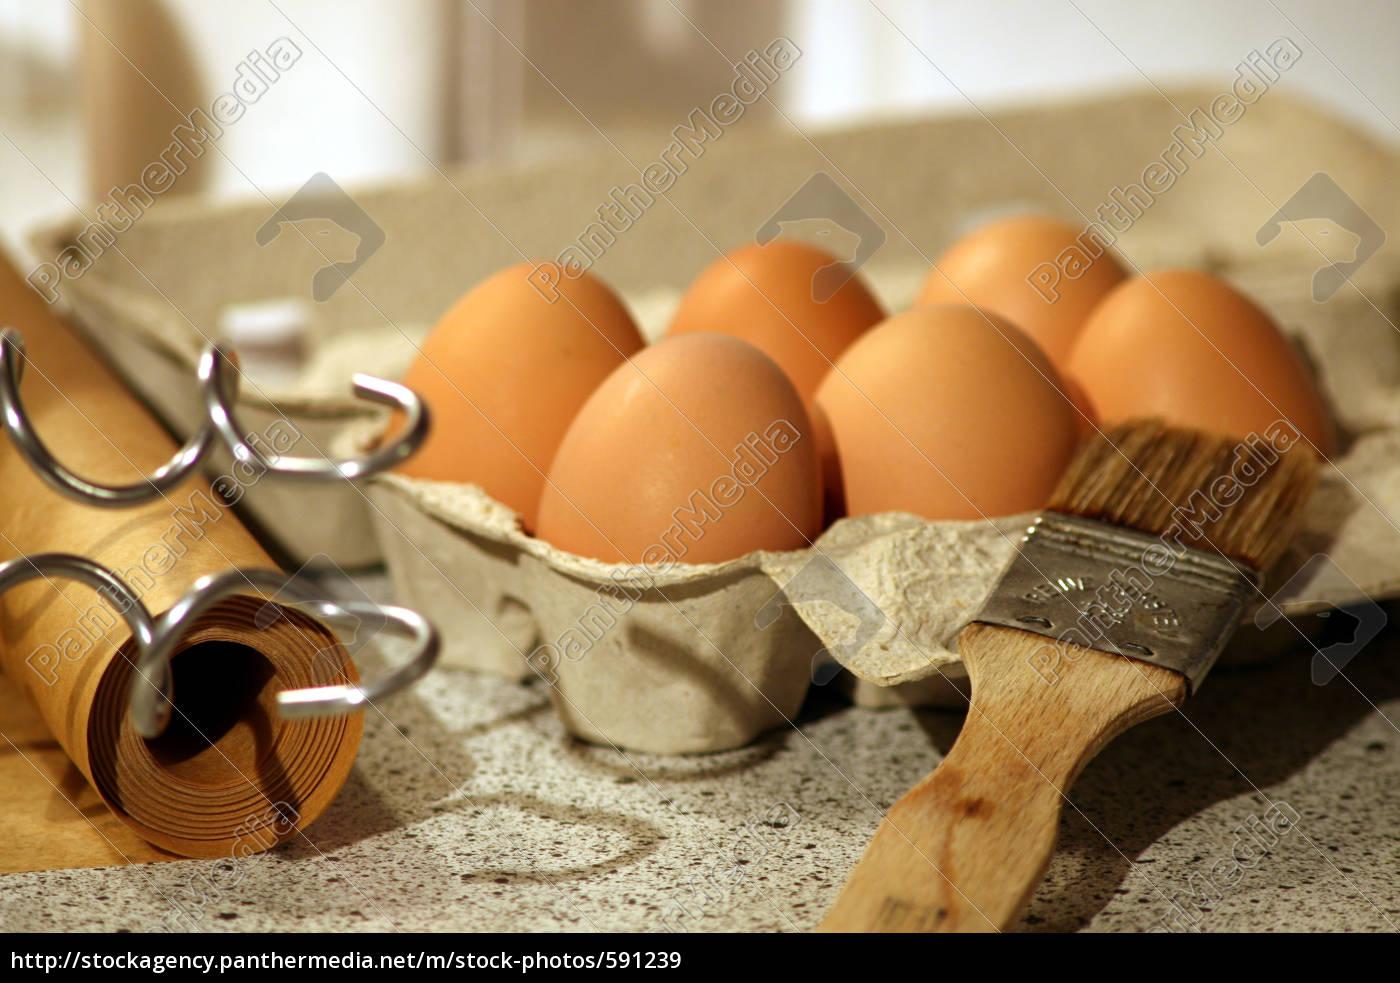 to, bake - 591239